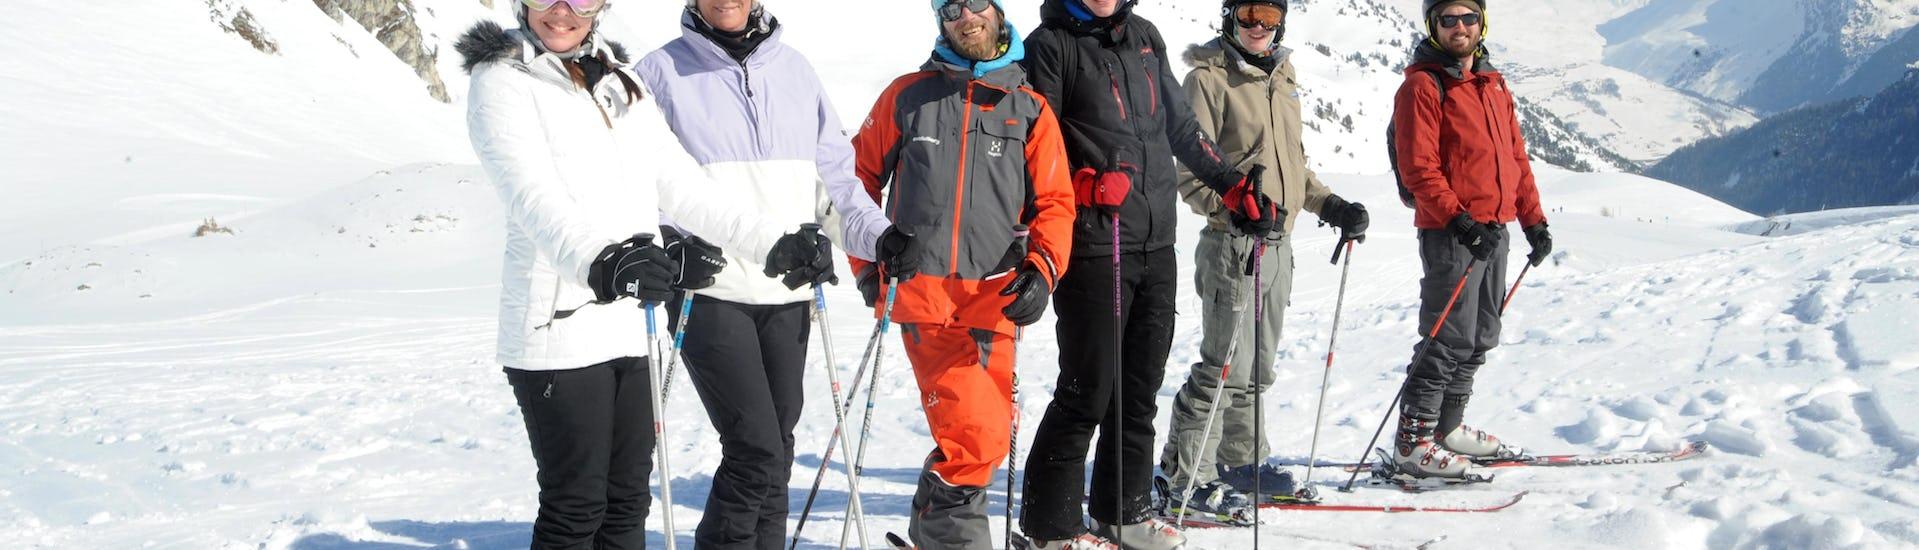 Cours de ski pour Ados & Adultes - Février - Arc 2000